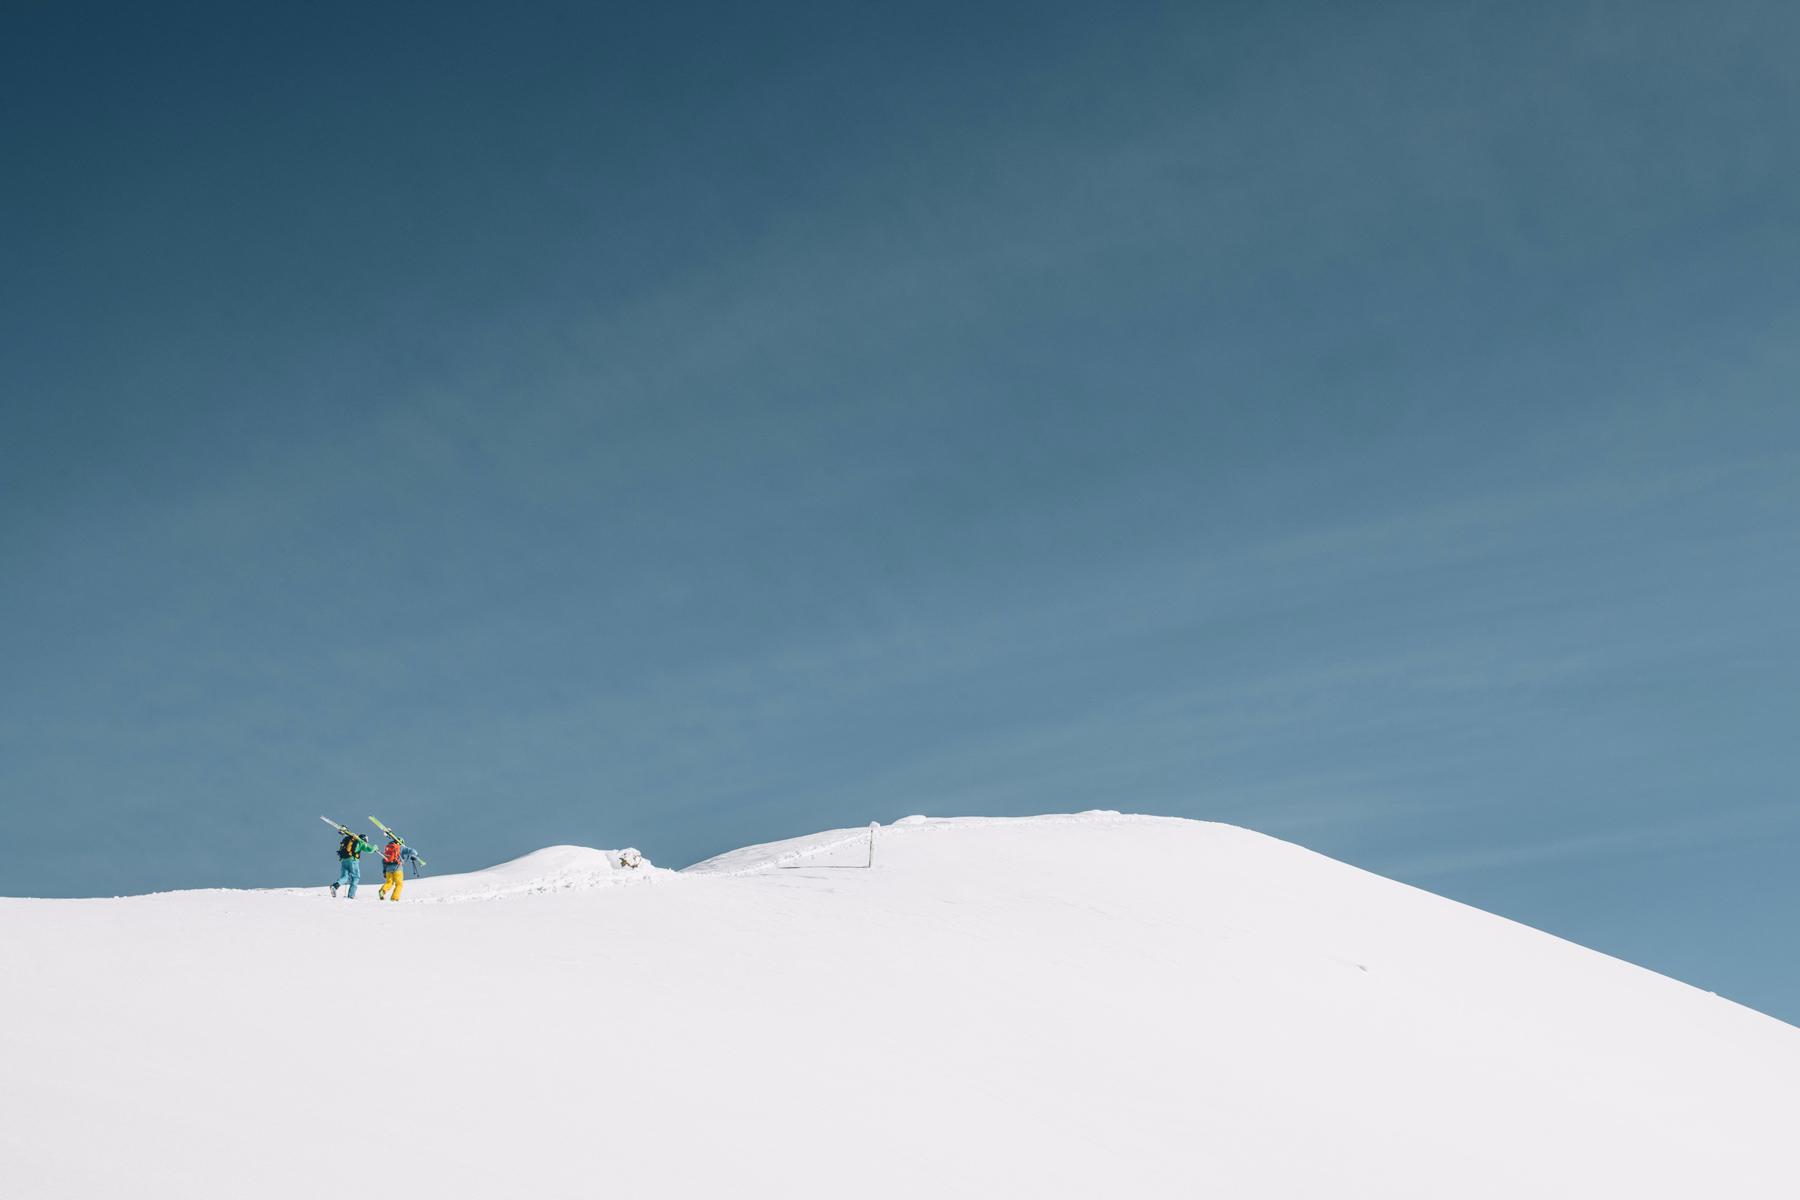 Mont Valaisan 2800m, La Rosière, Hors Piste